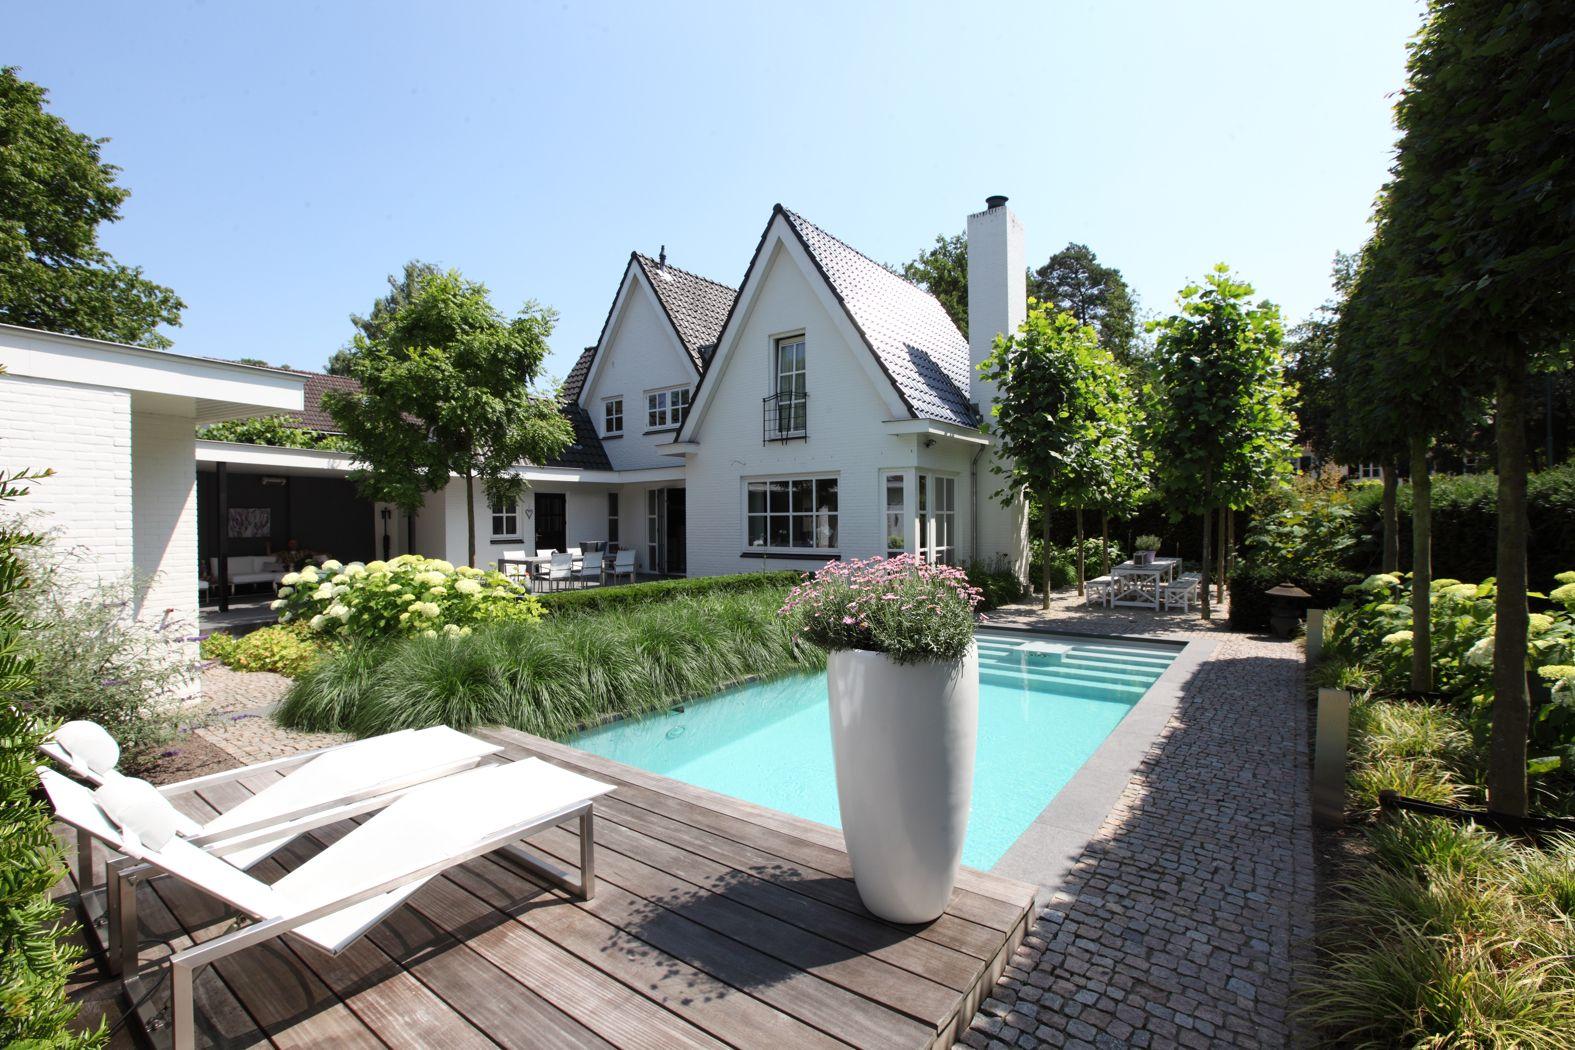 Moderne tuinen met zwembad